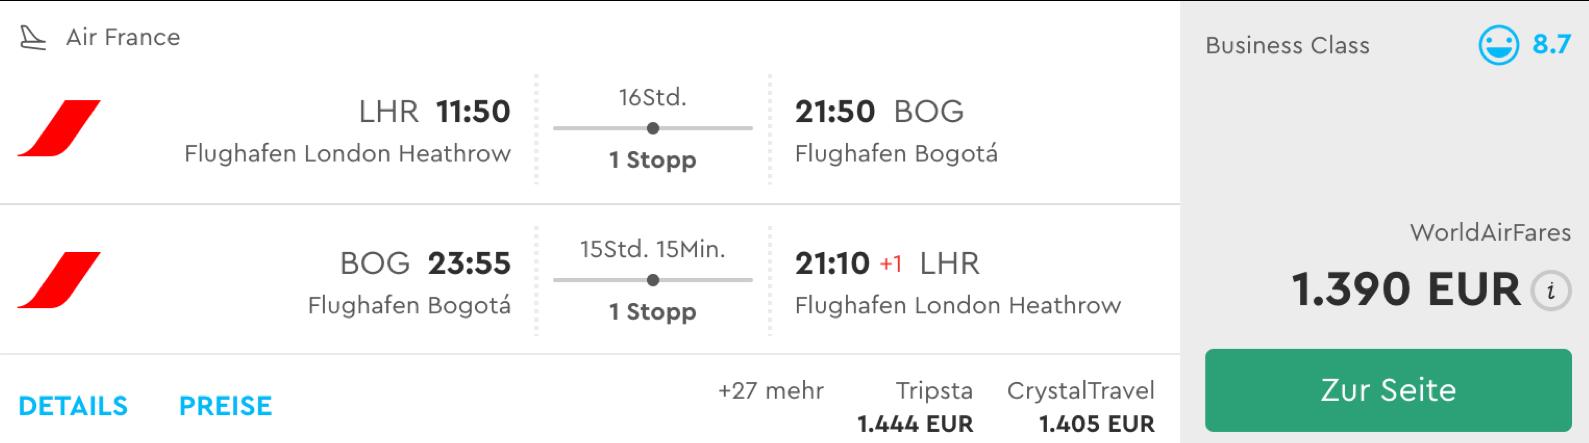 Günstige Business Class Flüge nach Kolumbien